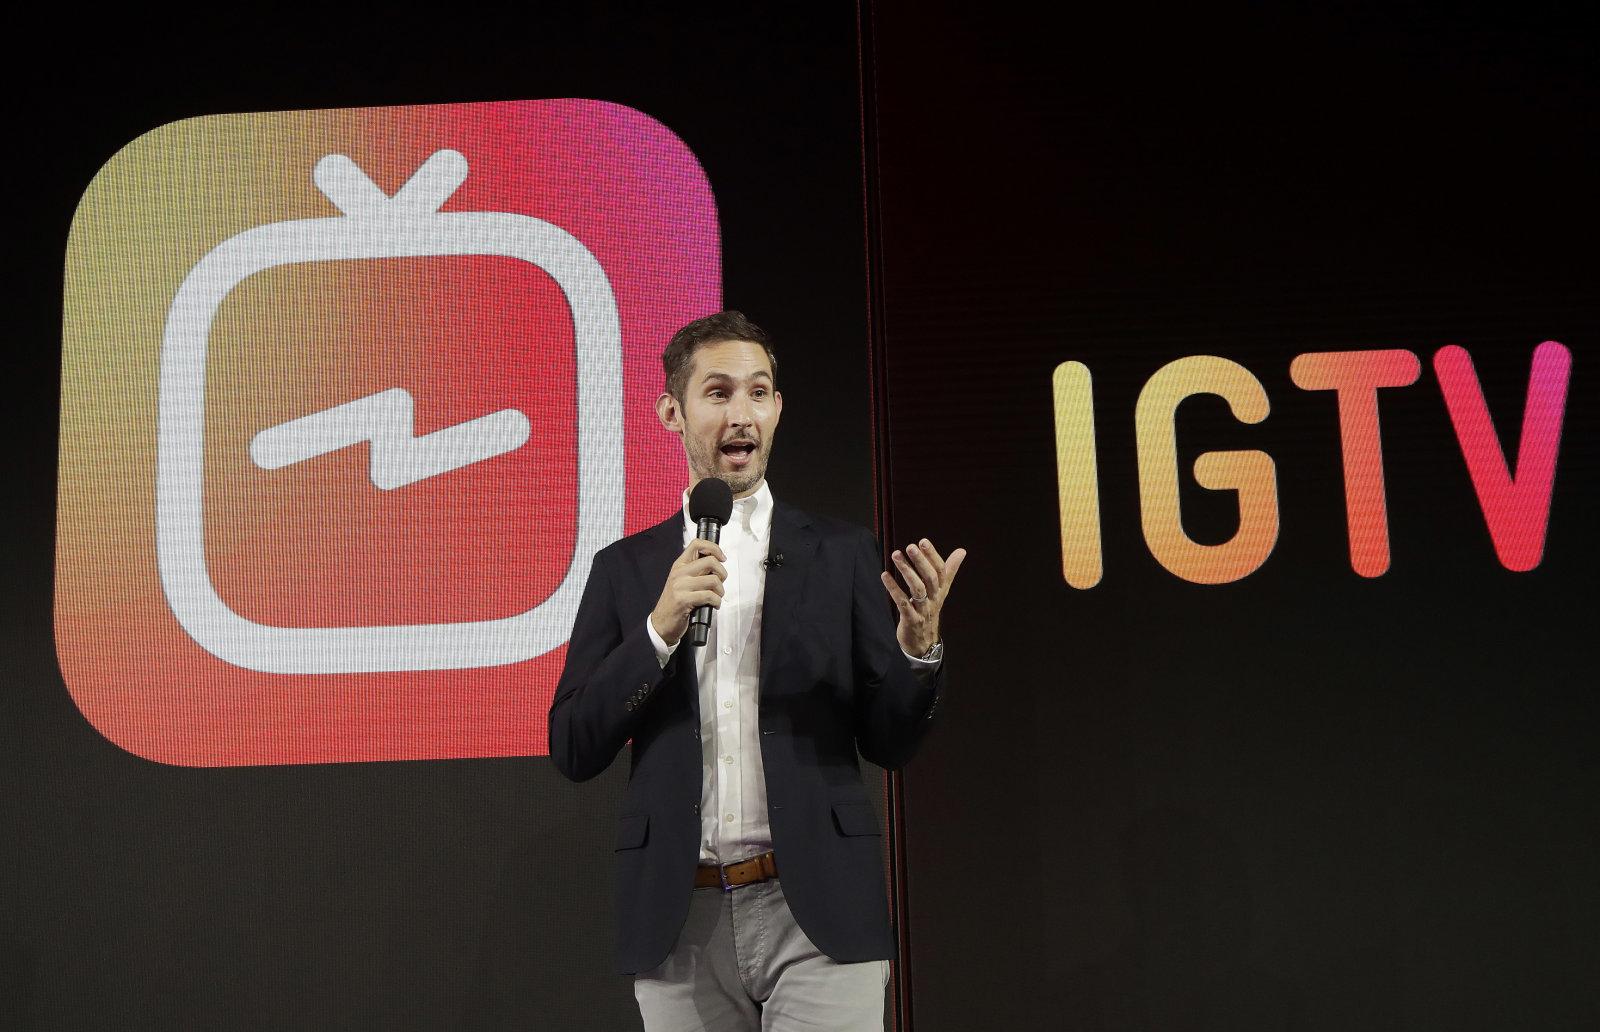 IGTV en Instagram